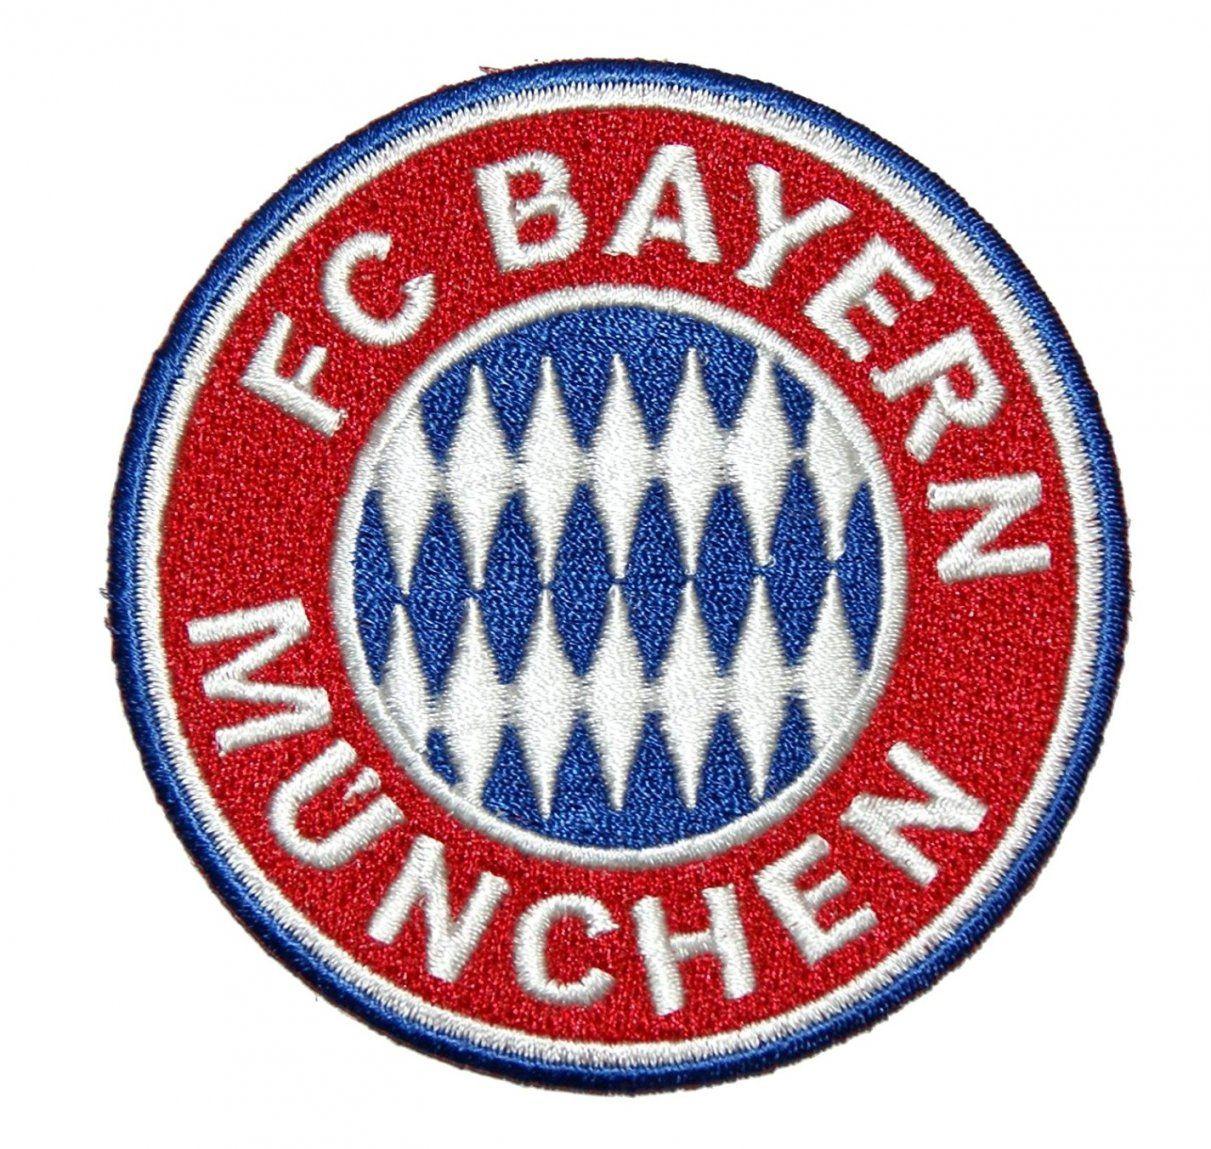 Beste Fc Bayern Munchen Gardinen Zum Fc Bayern Teppich  Teppiche Ideen von Bayern München Gardinen Photo